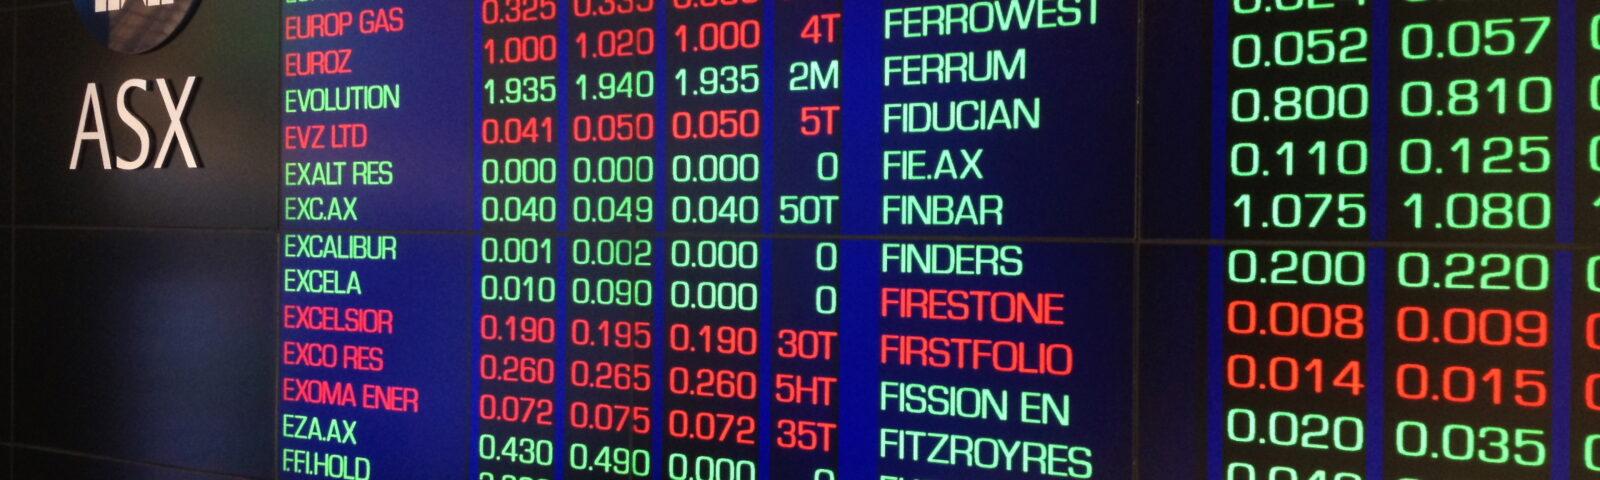 Australia's ASX seeks dual-listing agreement with TASE